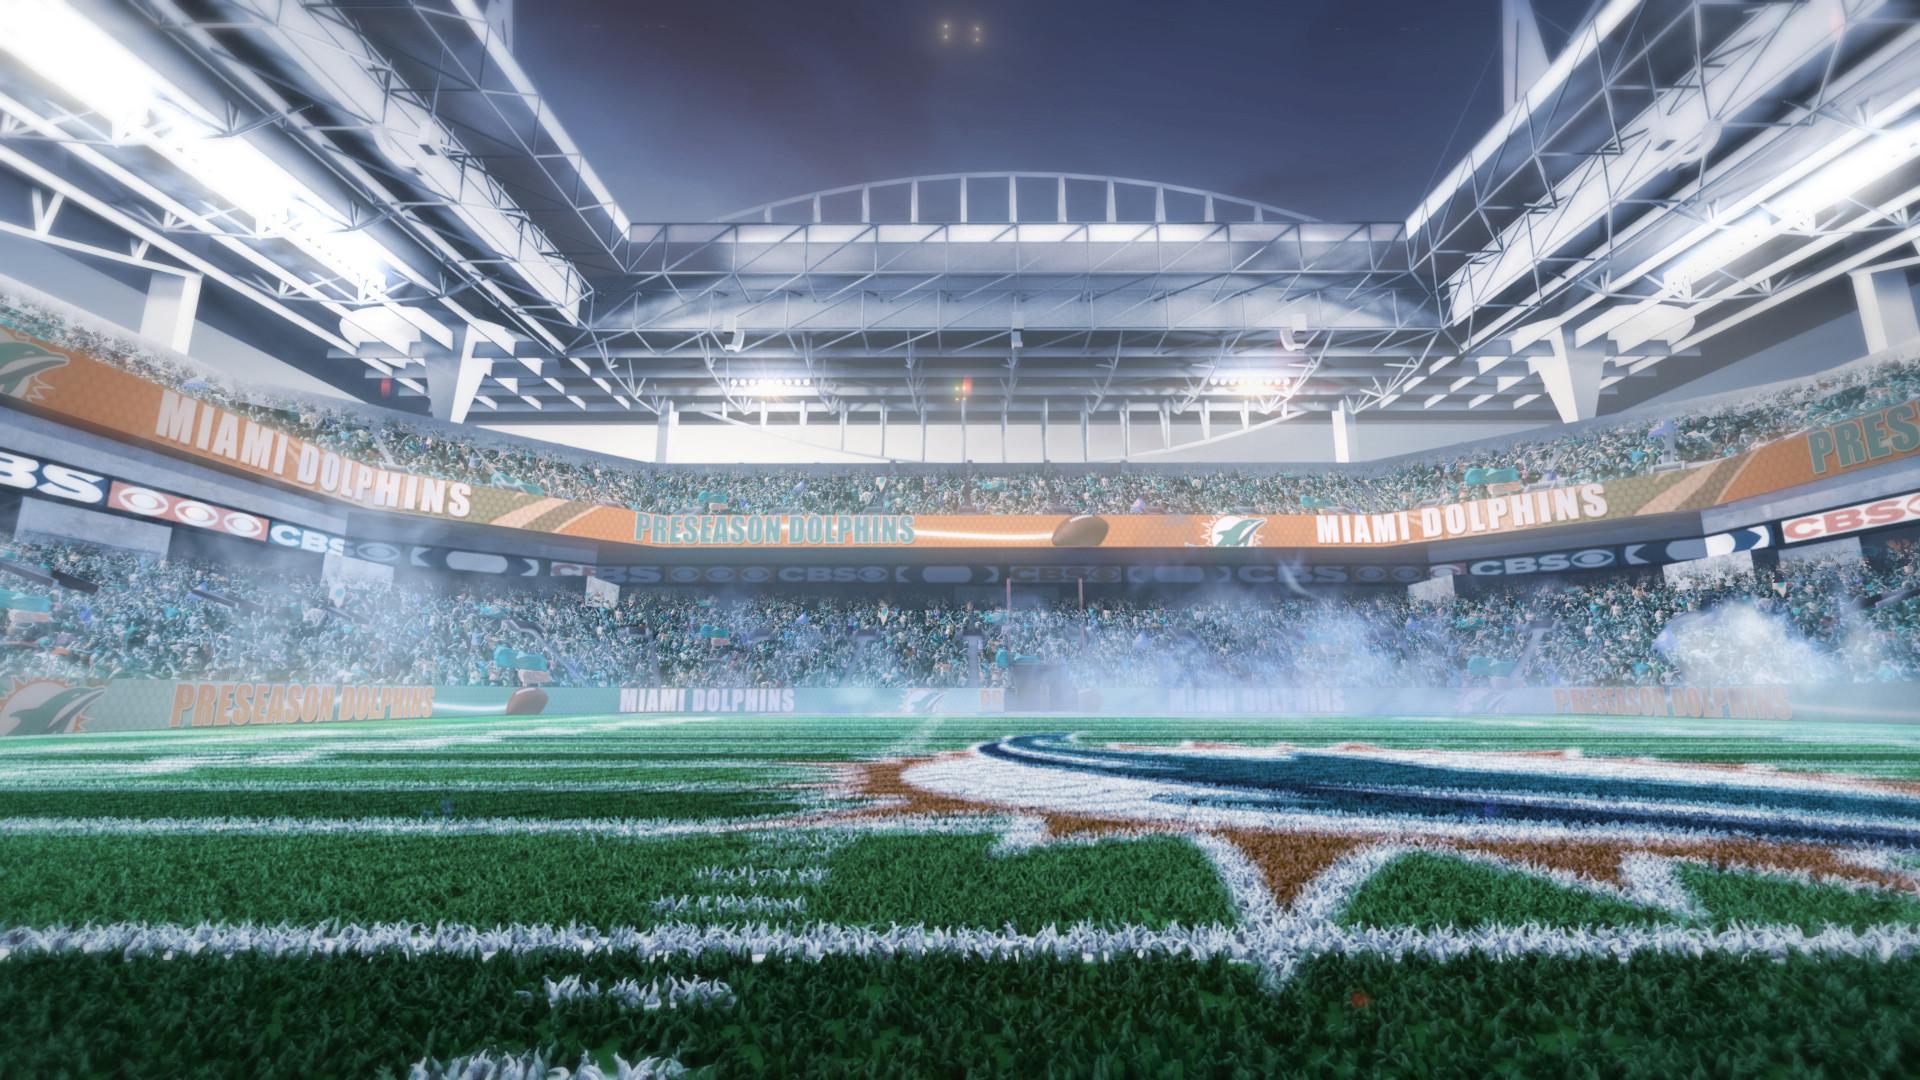 stadiumDP 2016